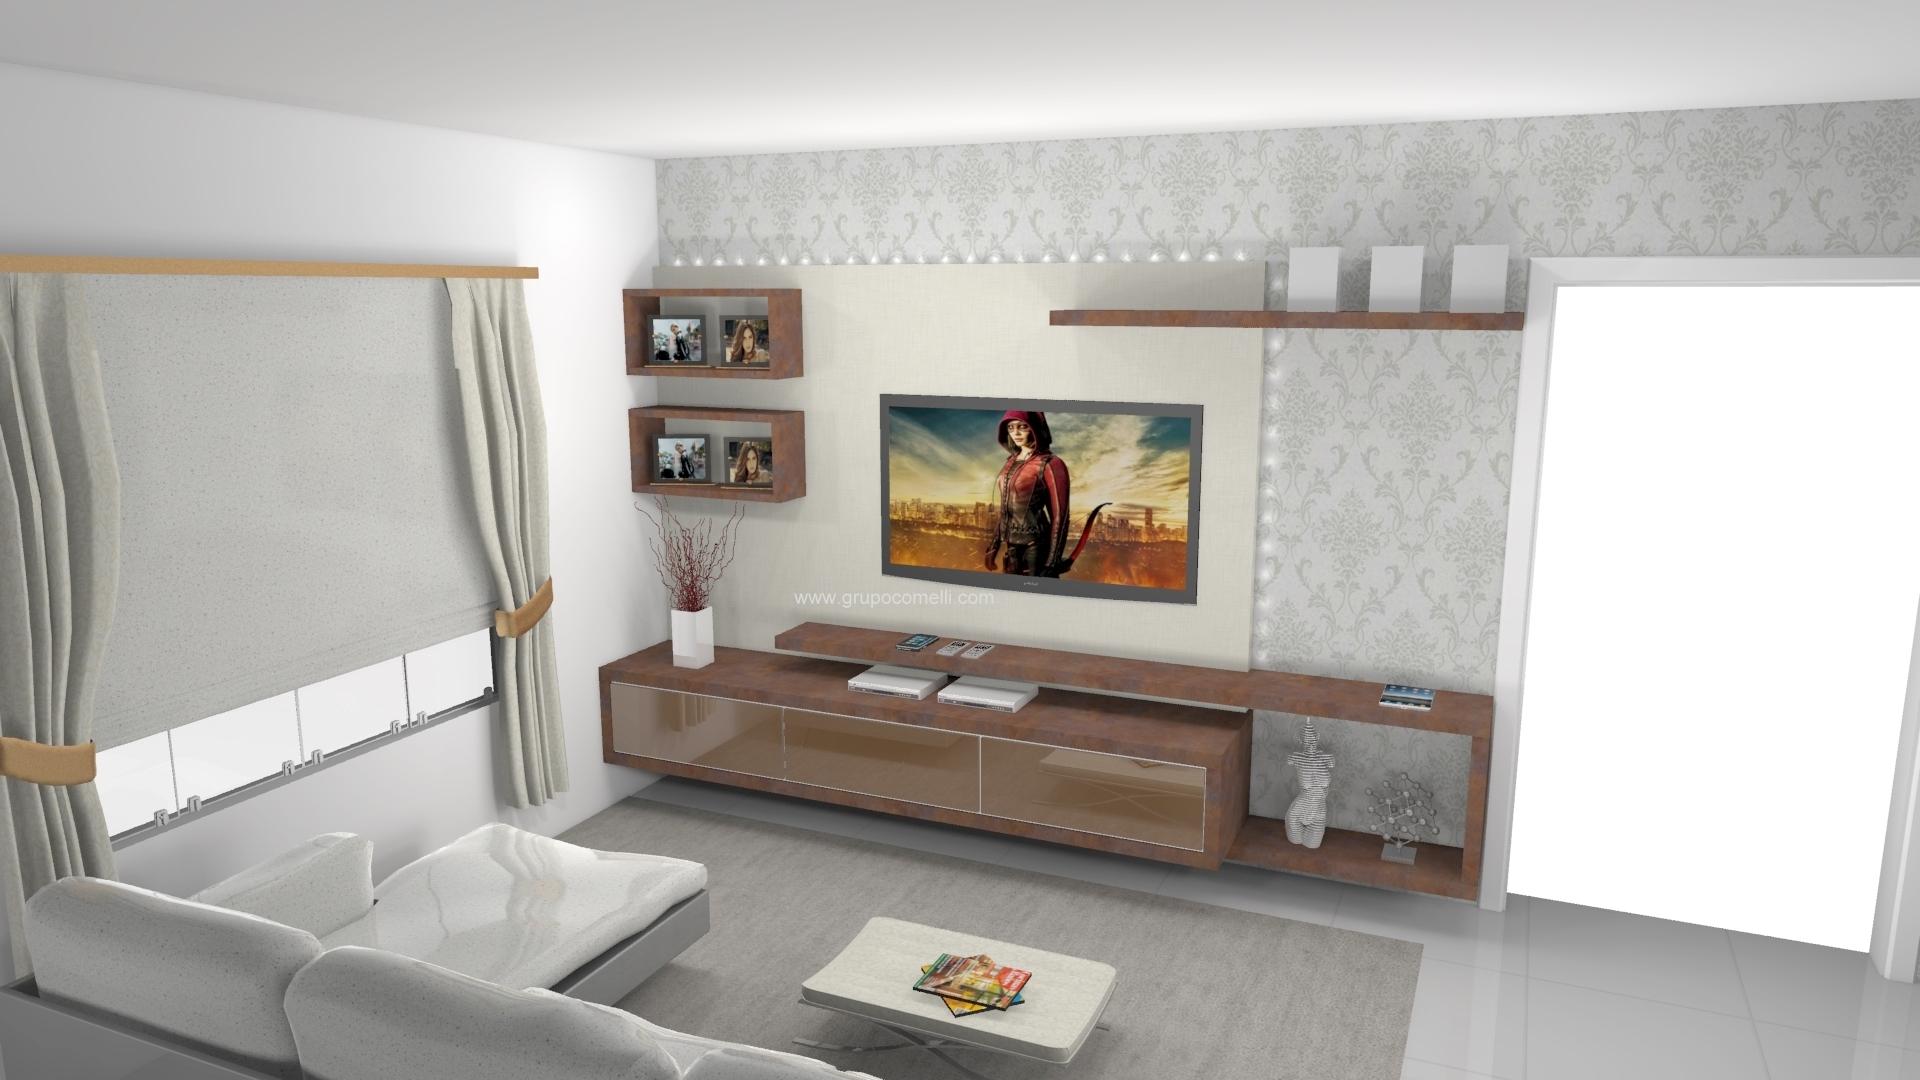 Imagens de #996632 Novos projetos disponíveis » Apreciare móveis planejados 1920x1080 px 3720 Banheiros Planejados Rj